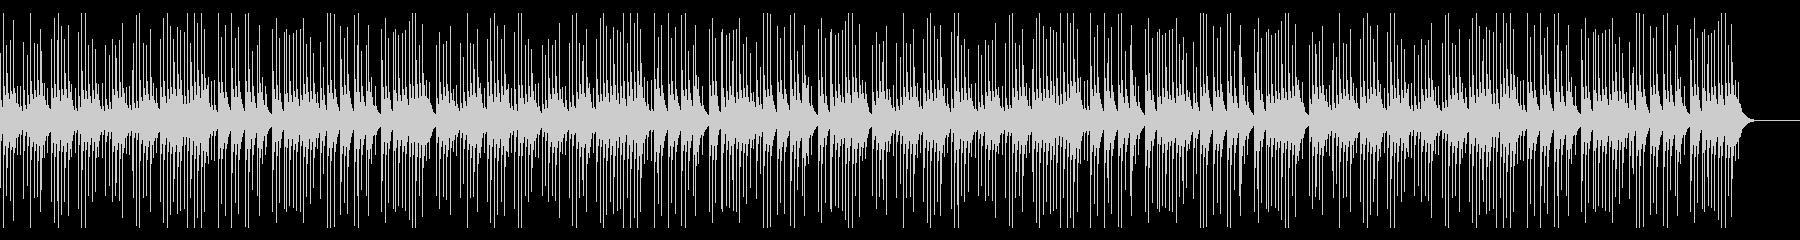 ジングルベル オルゴール遅の未再生の波形